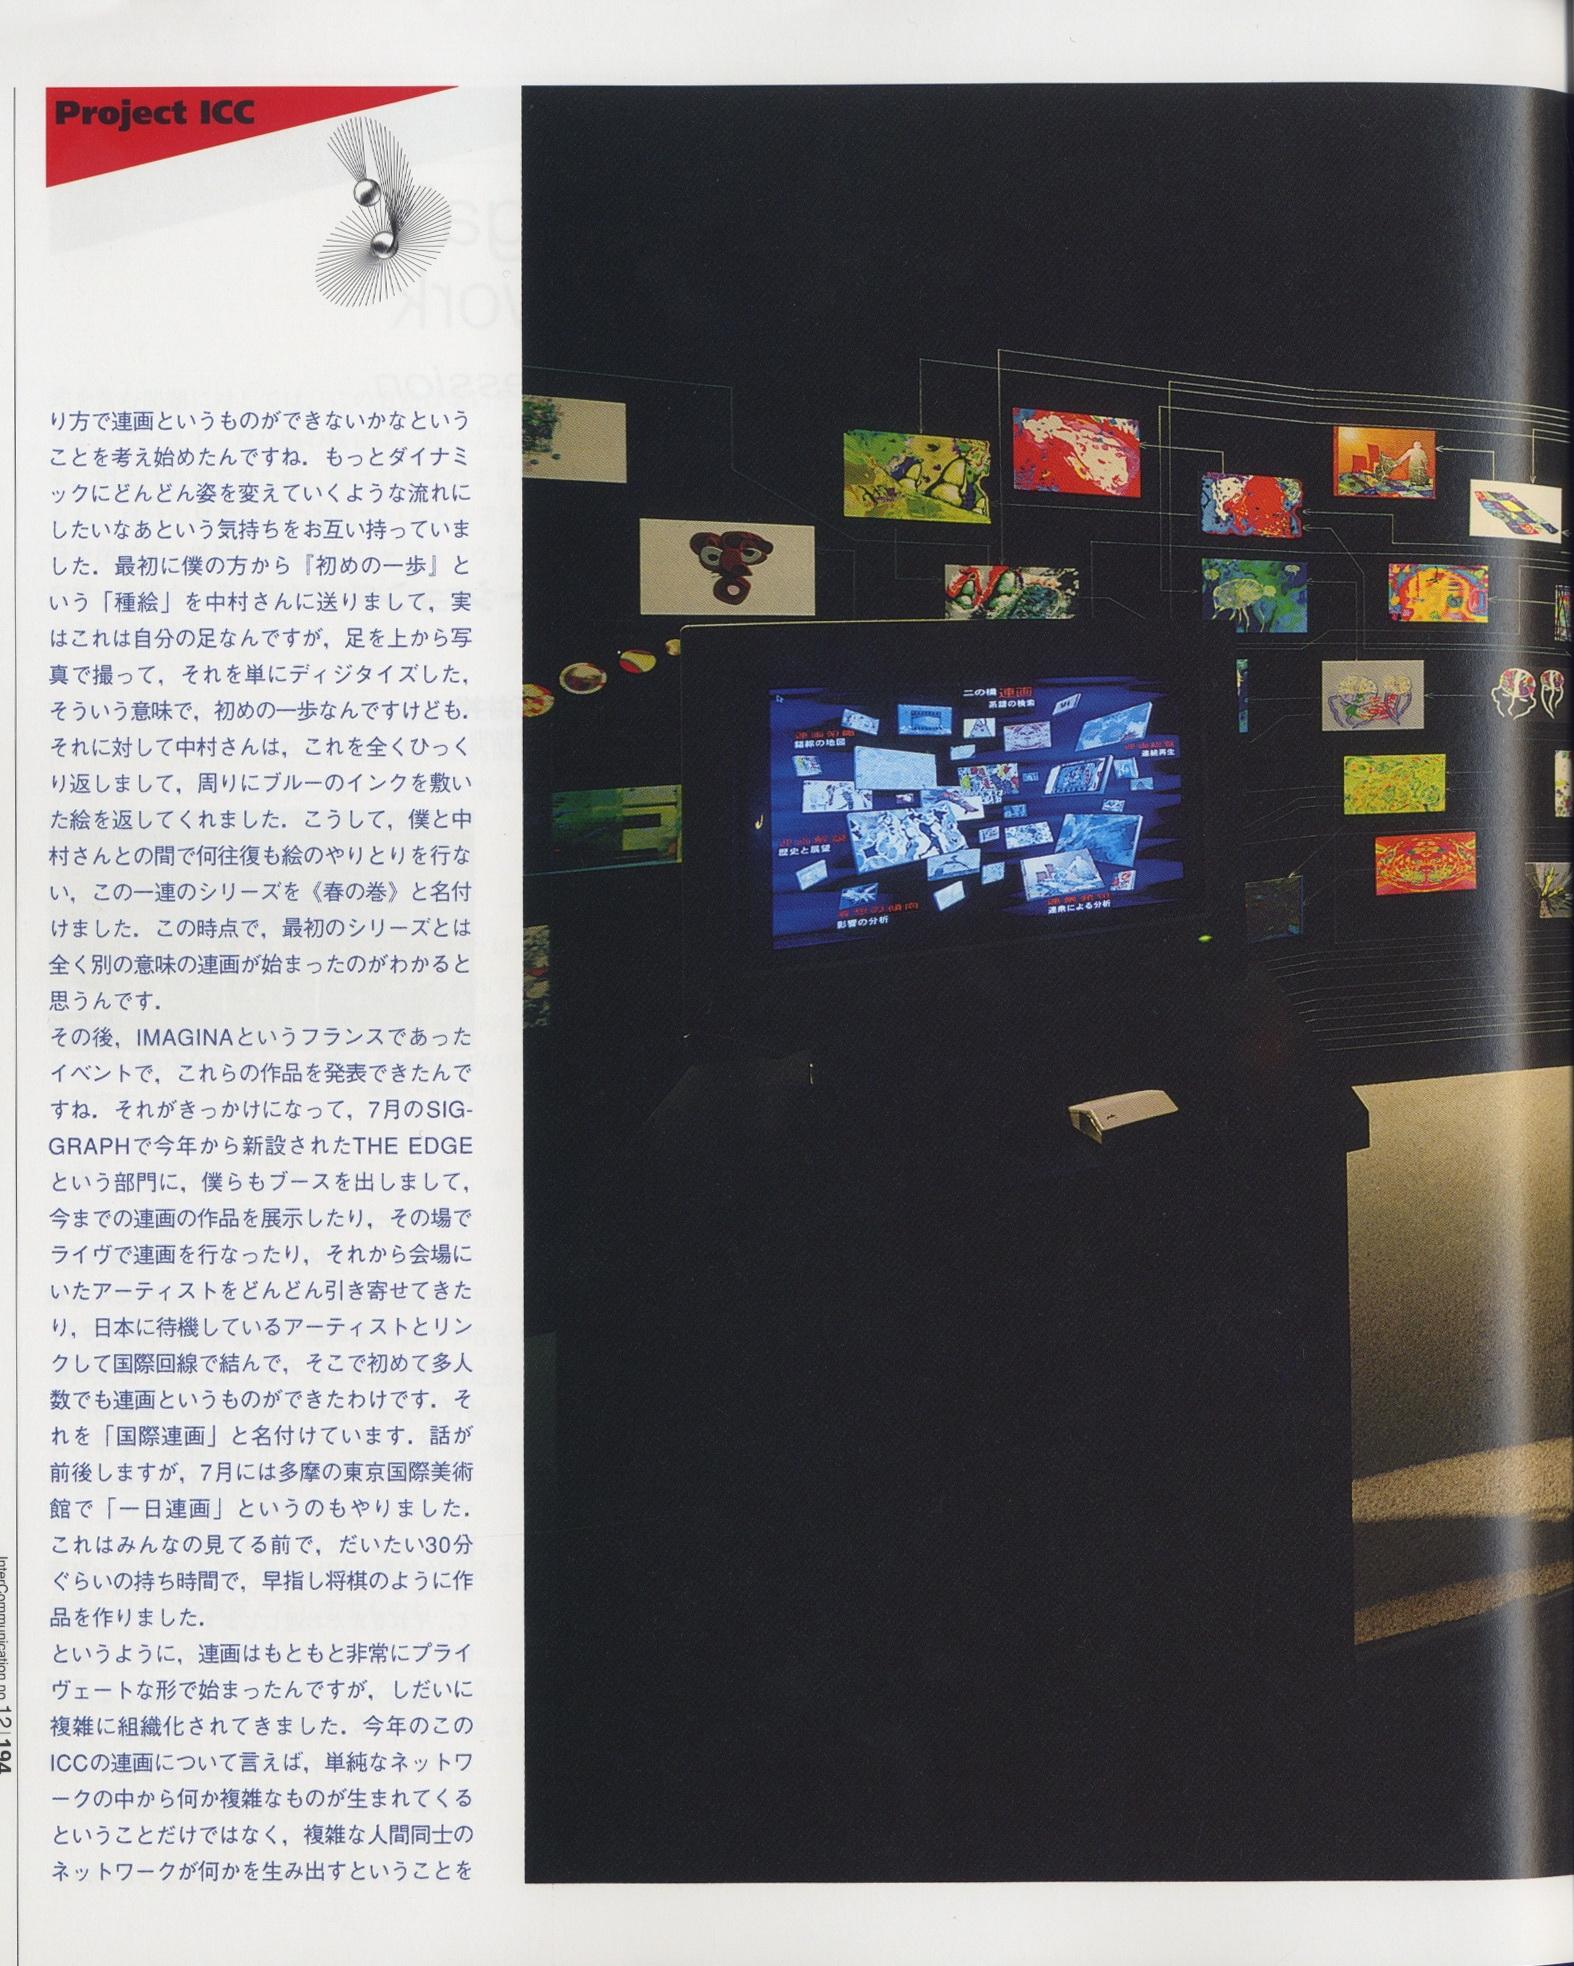 icc-rengatalk02